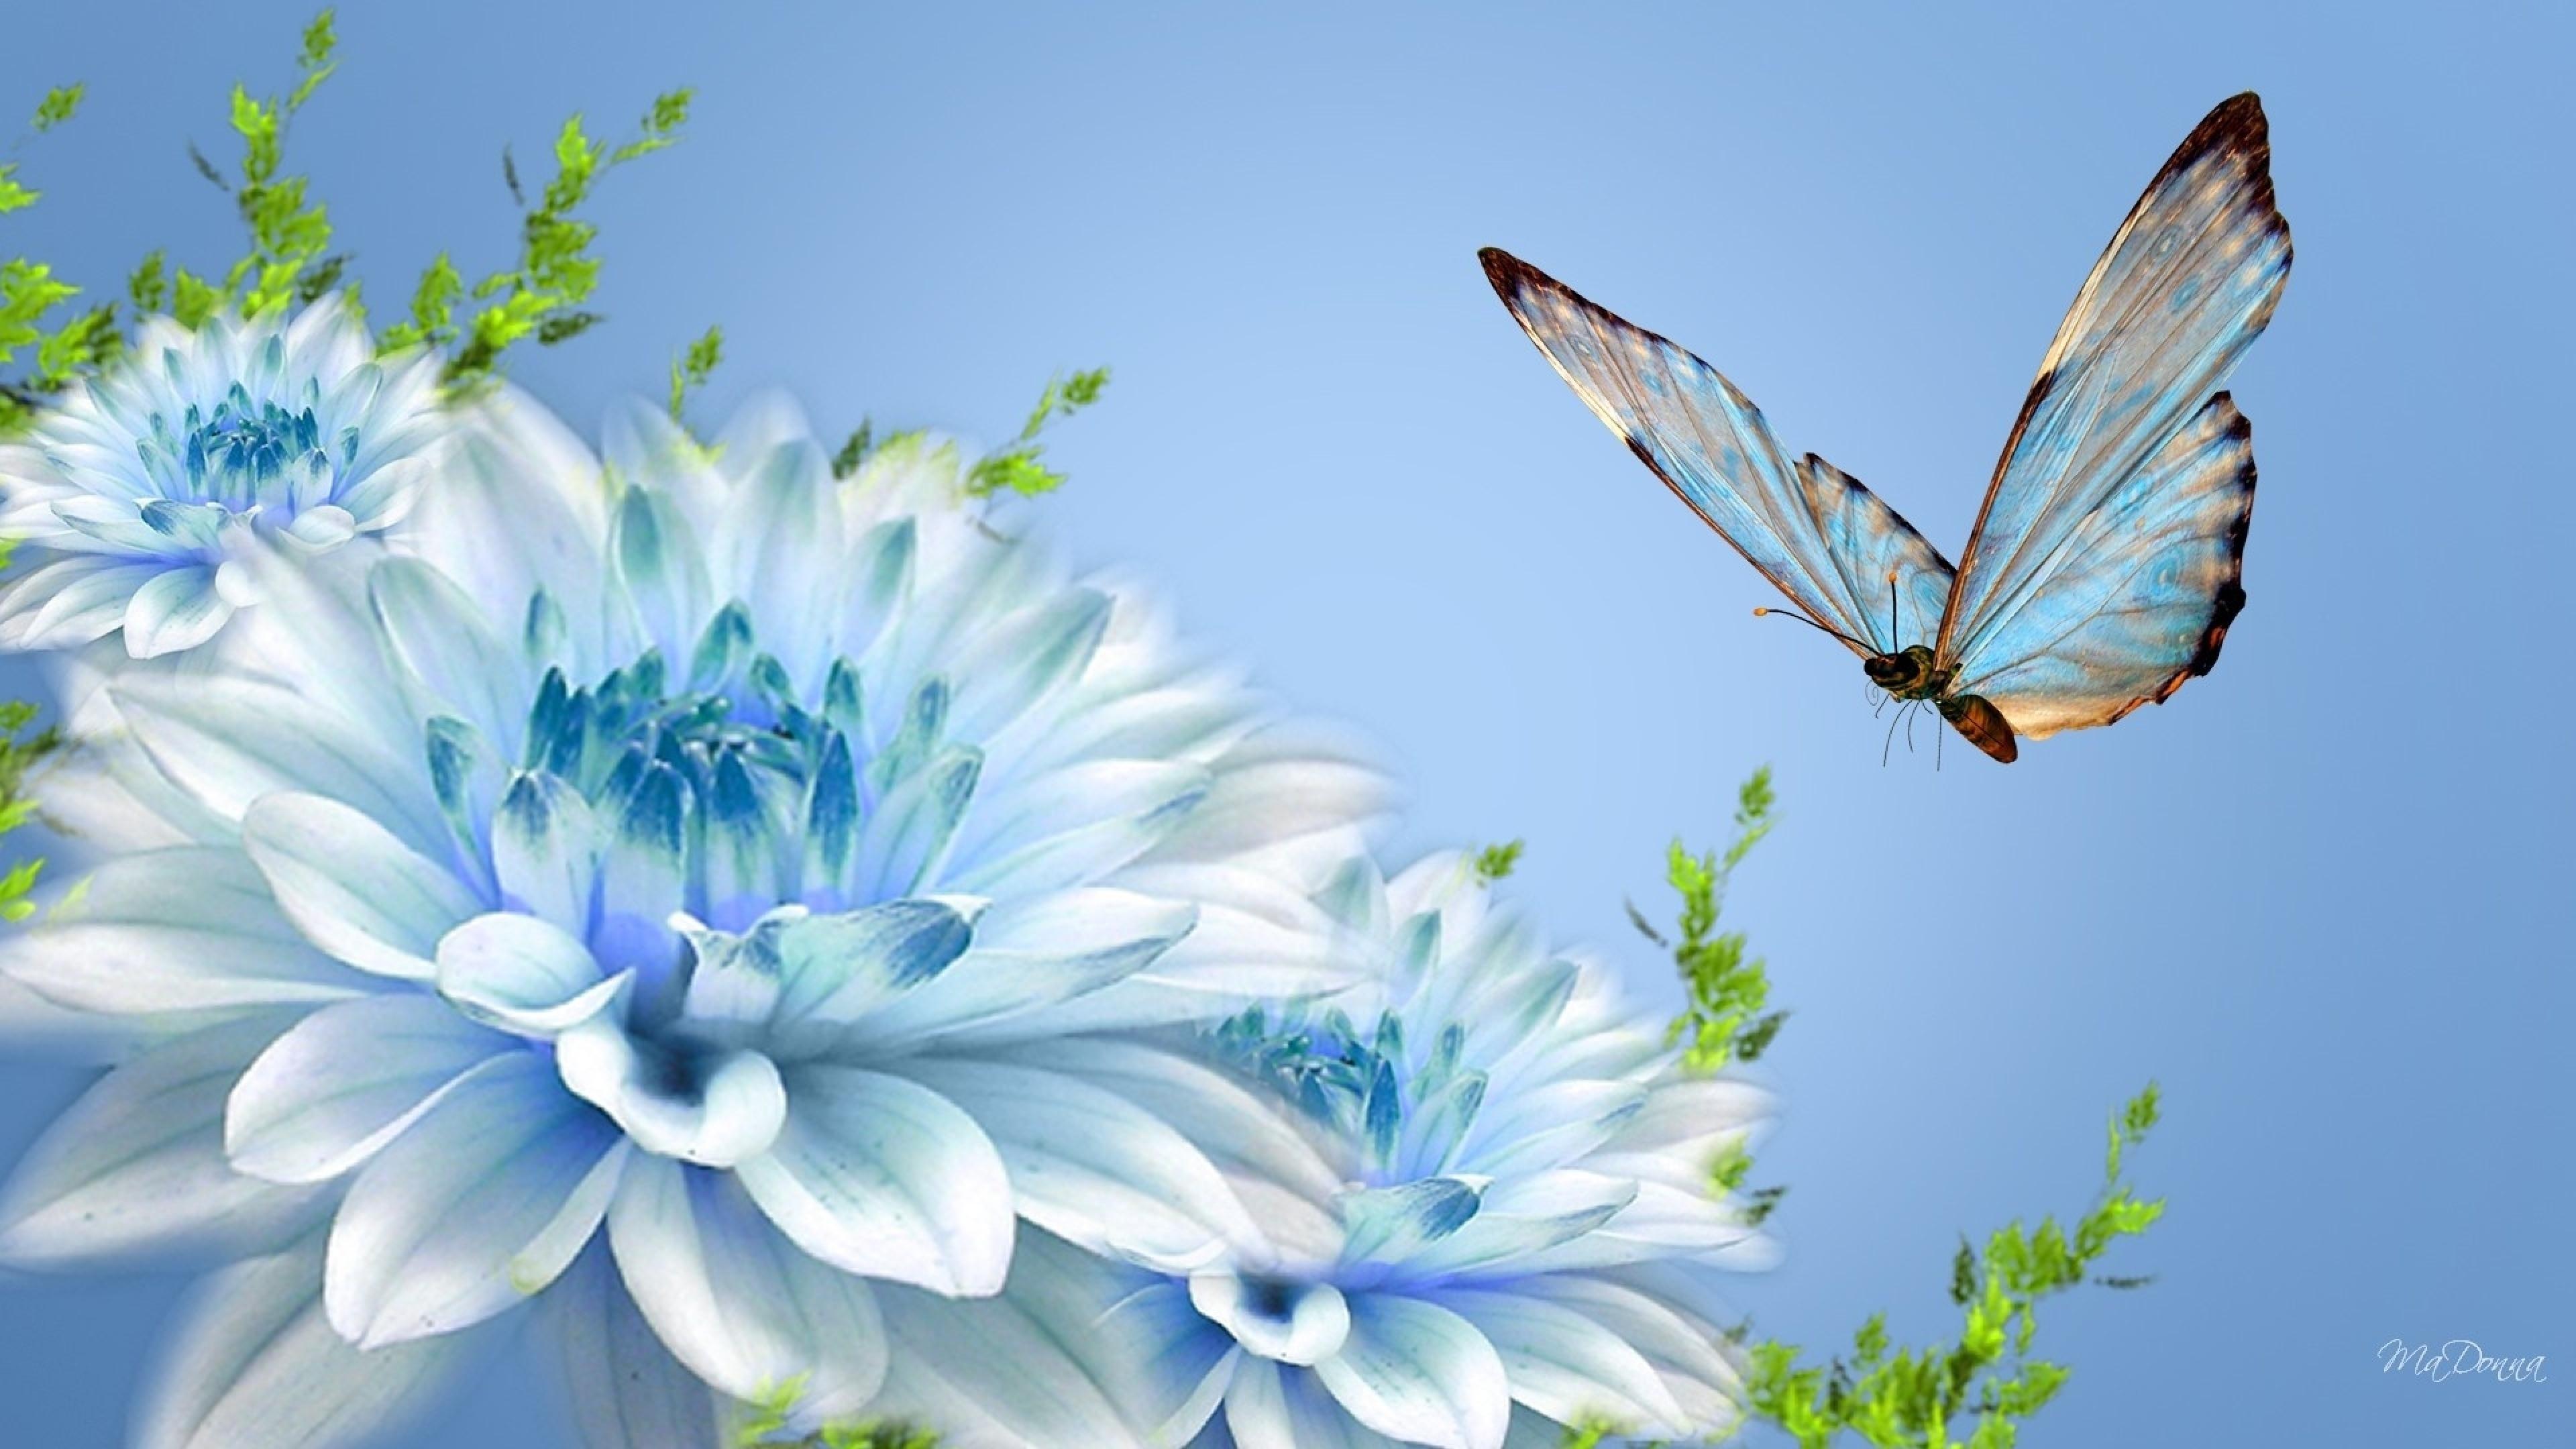 4K Butterfly Wallpaper Download Free